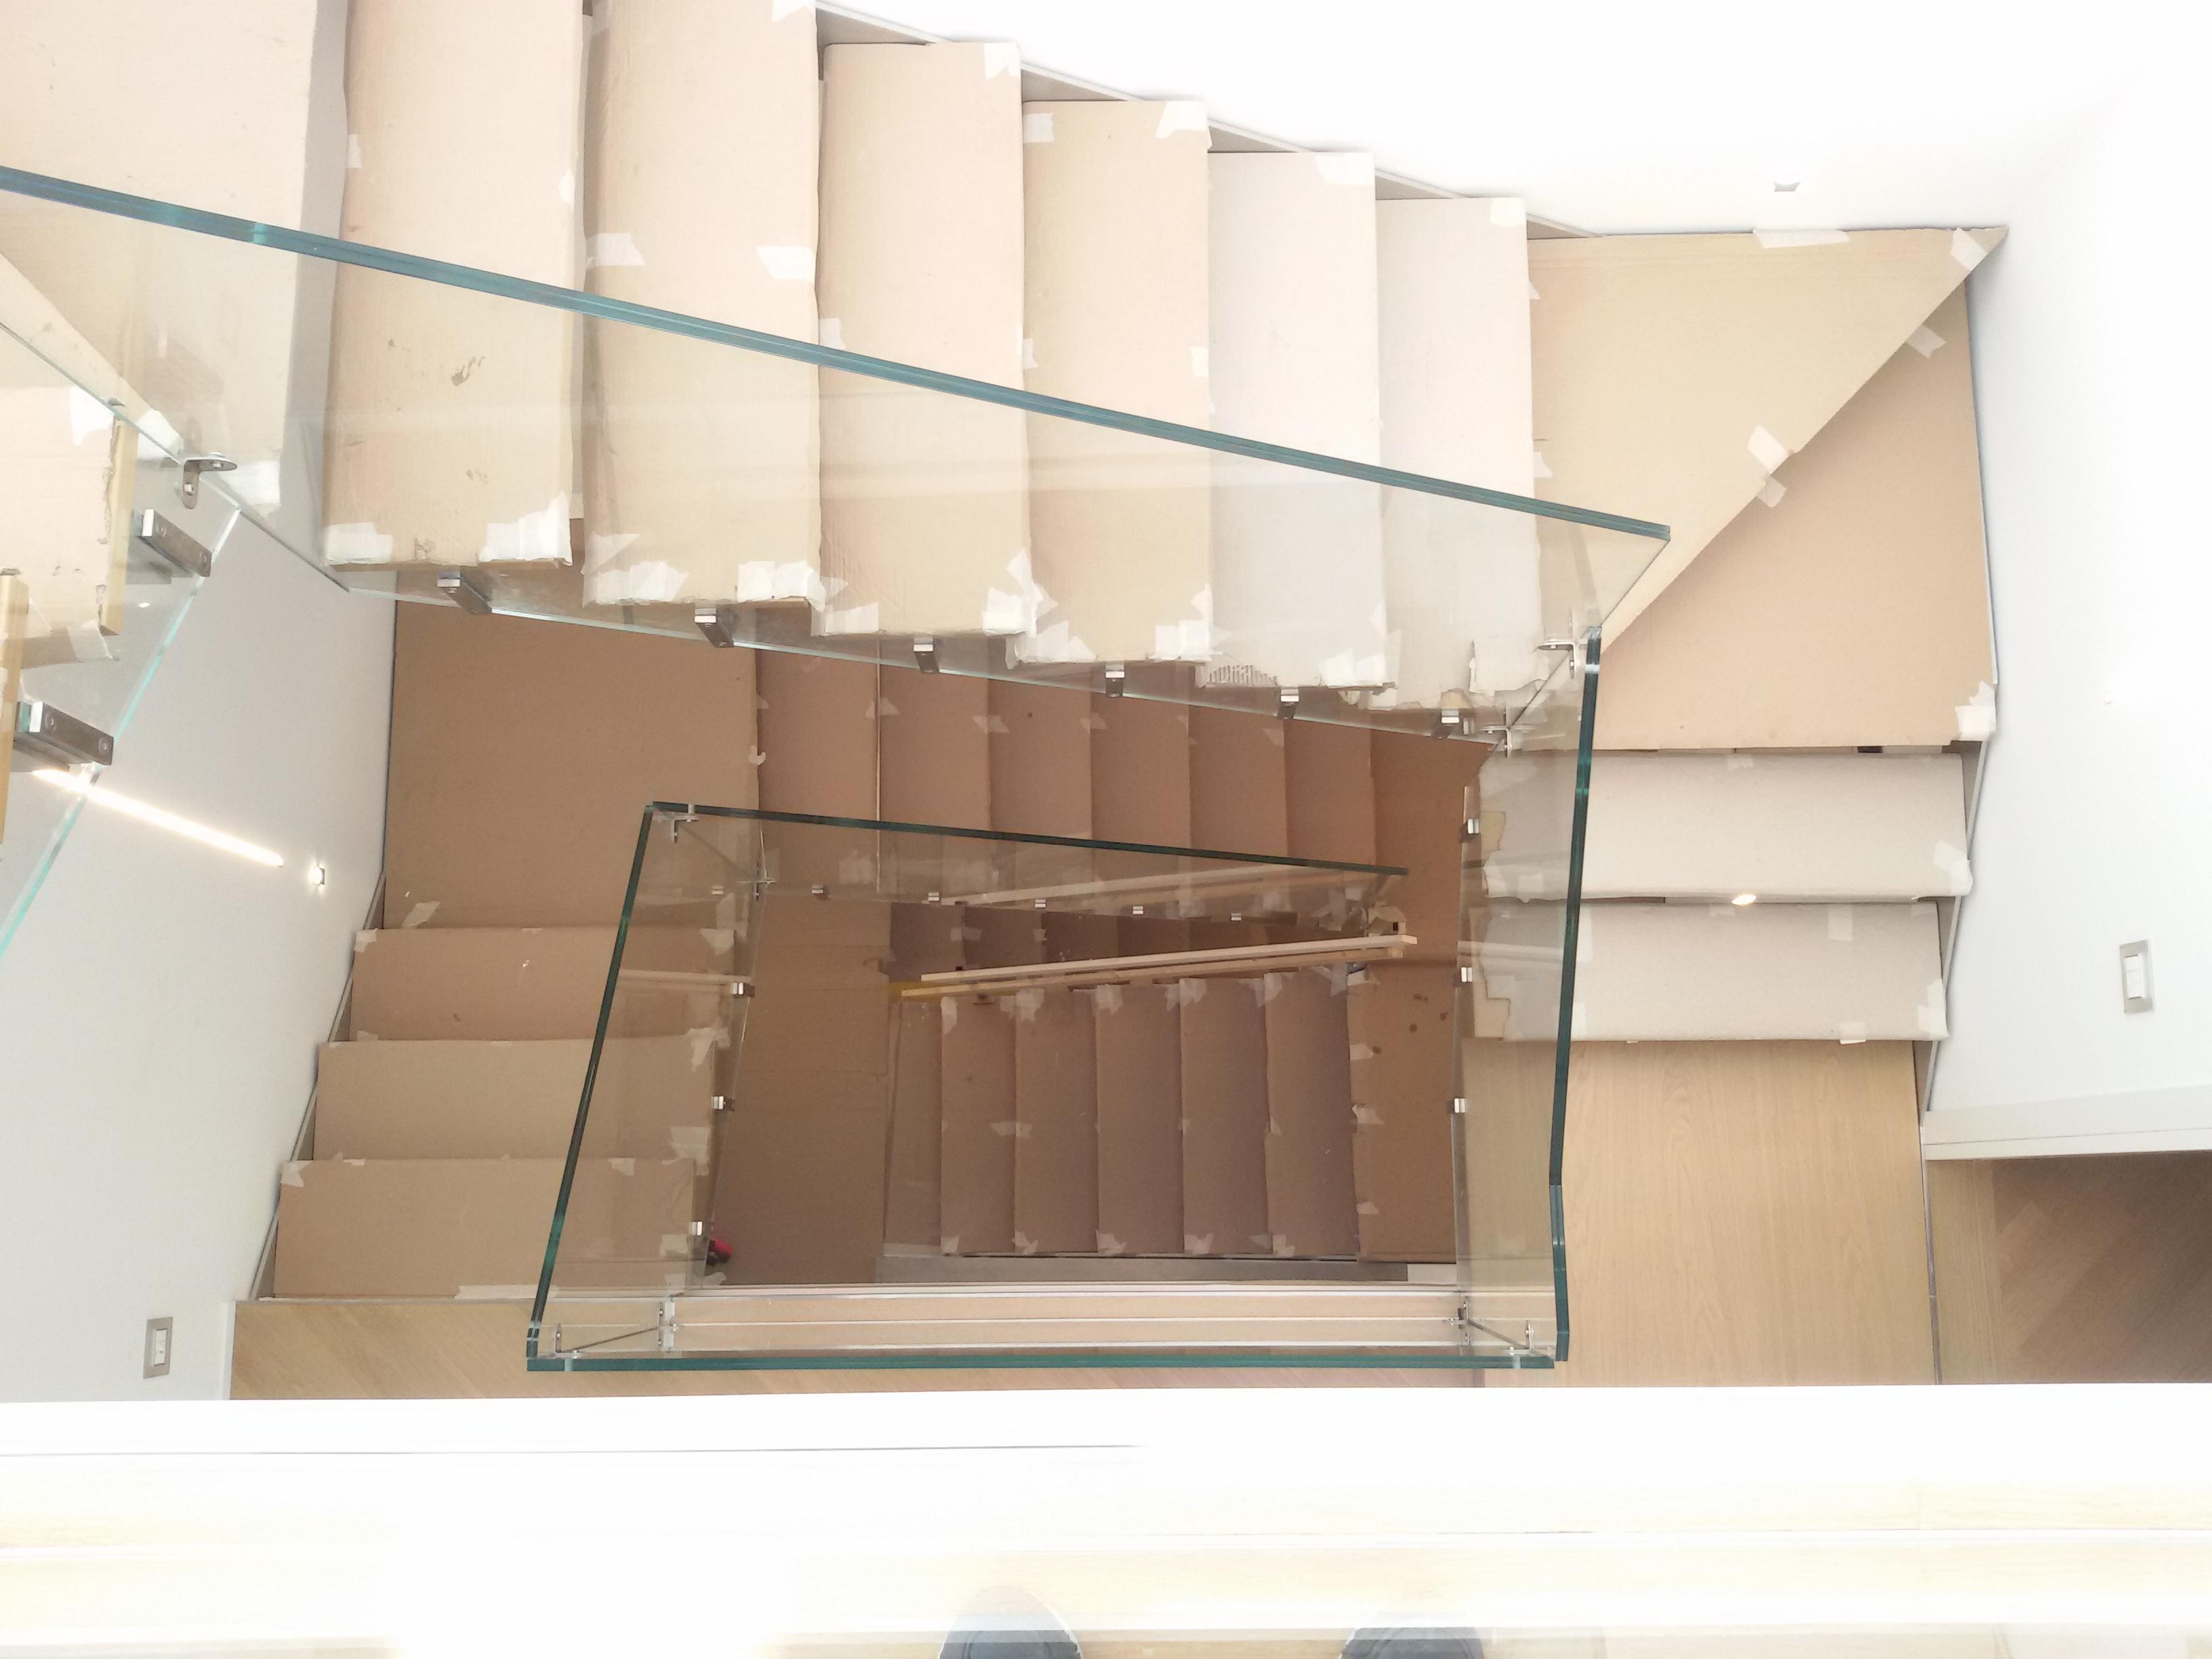 Parapetti In Vetro Per Interni parapetti interni – esseline – il vetro per l'arredo